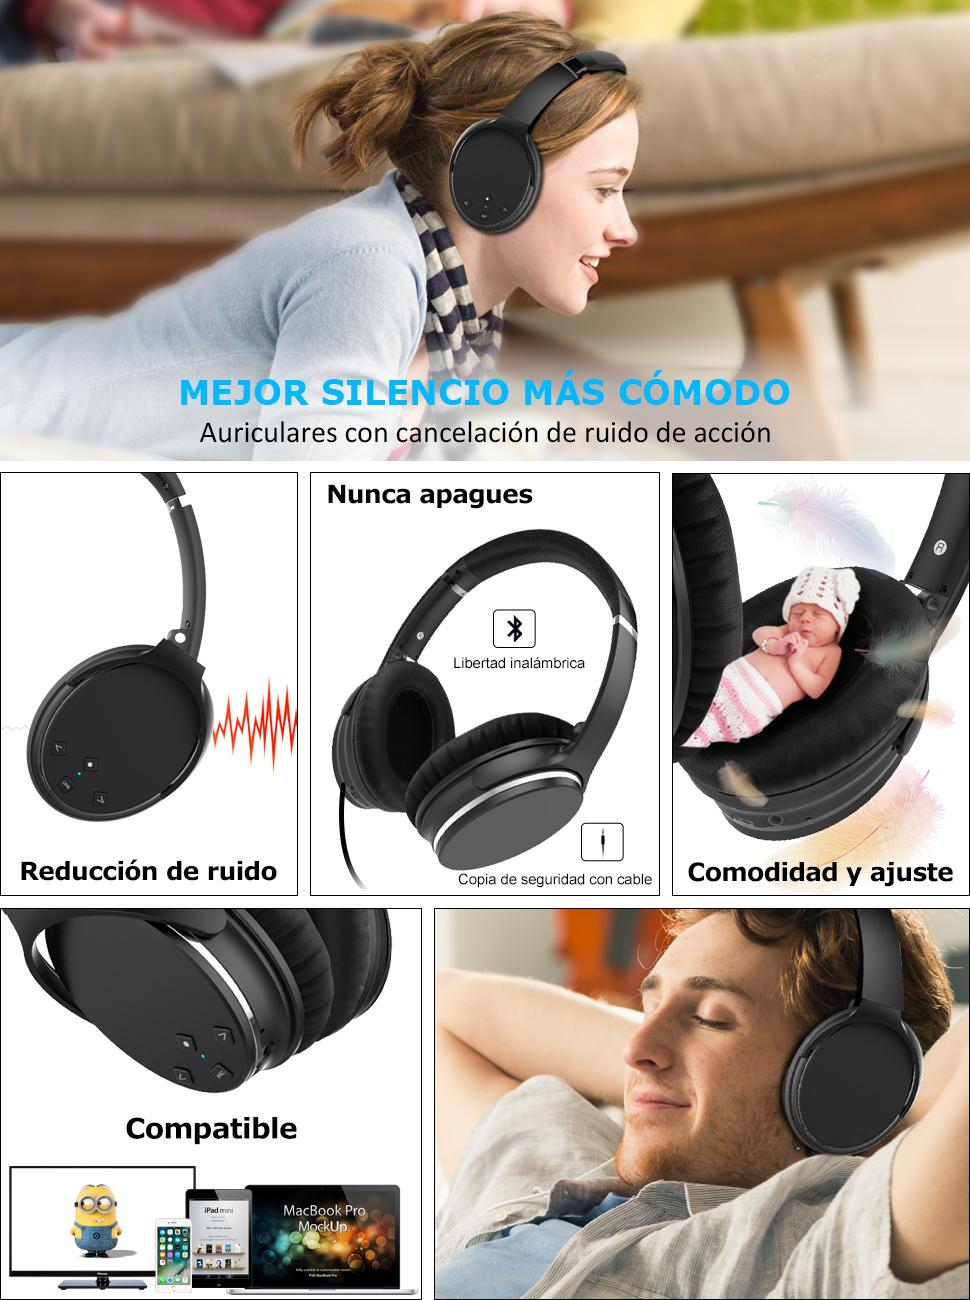 Sunvito auricular : Reduce eficazmente el ruido del tráfico de la ciudad, el zumbido de una cabina de avión o el bullicio en una oficina ocupada, ...